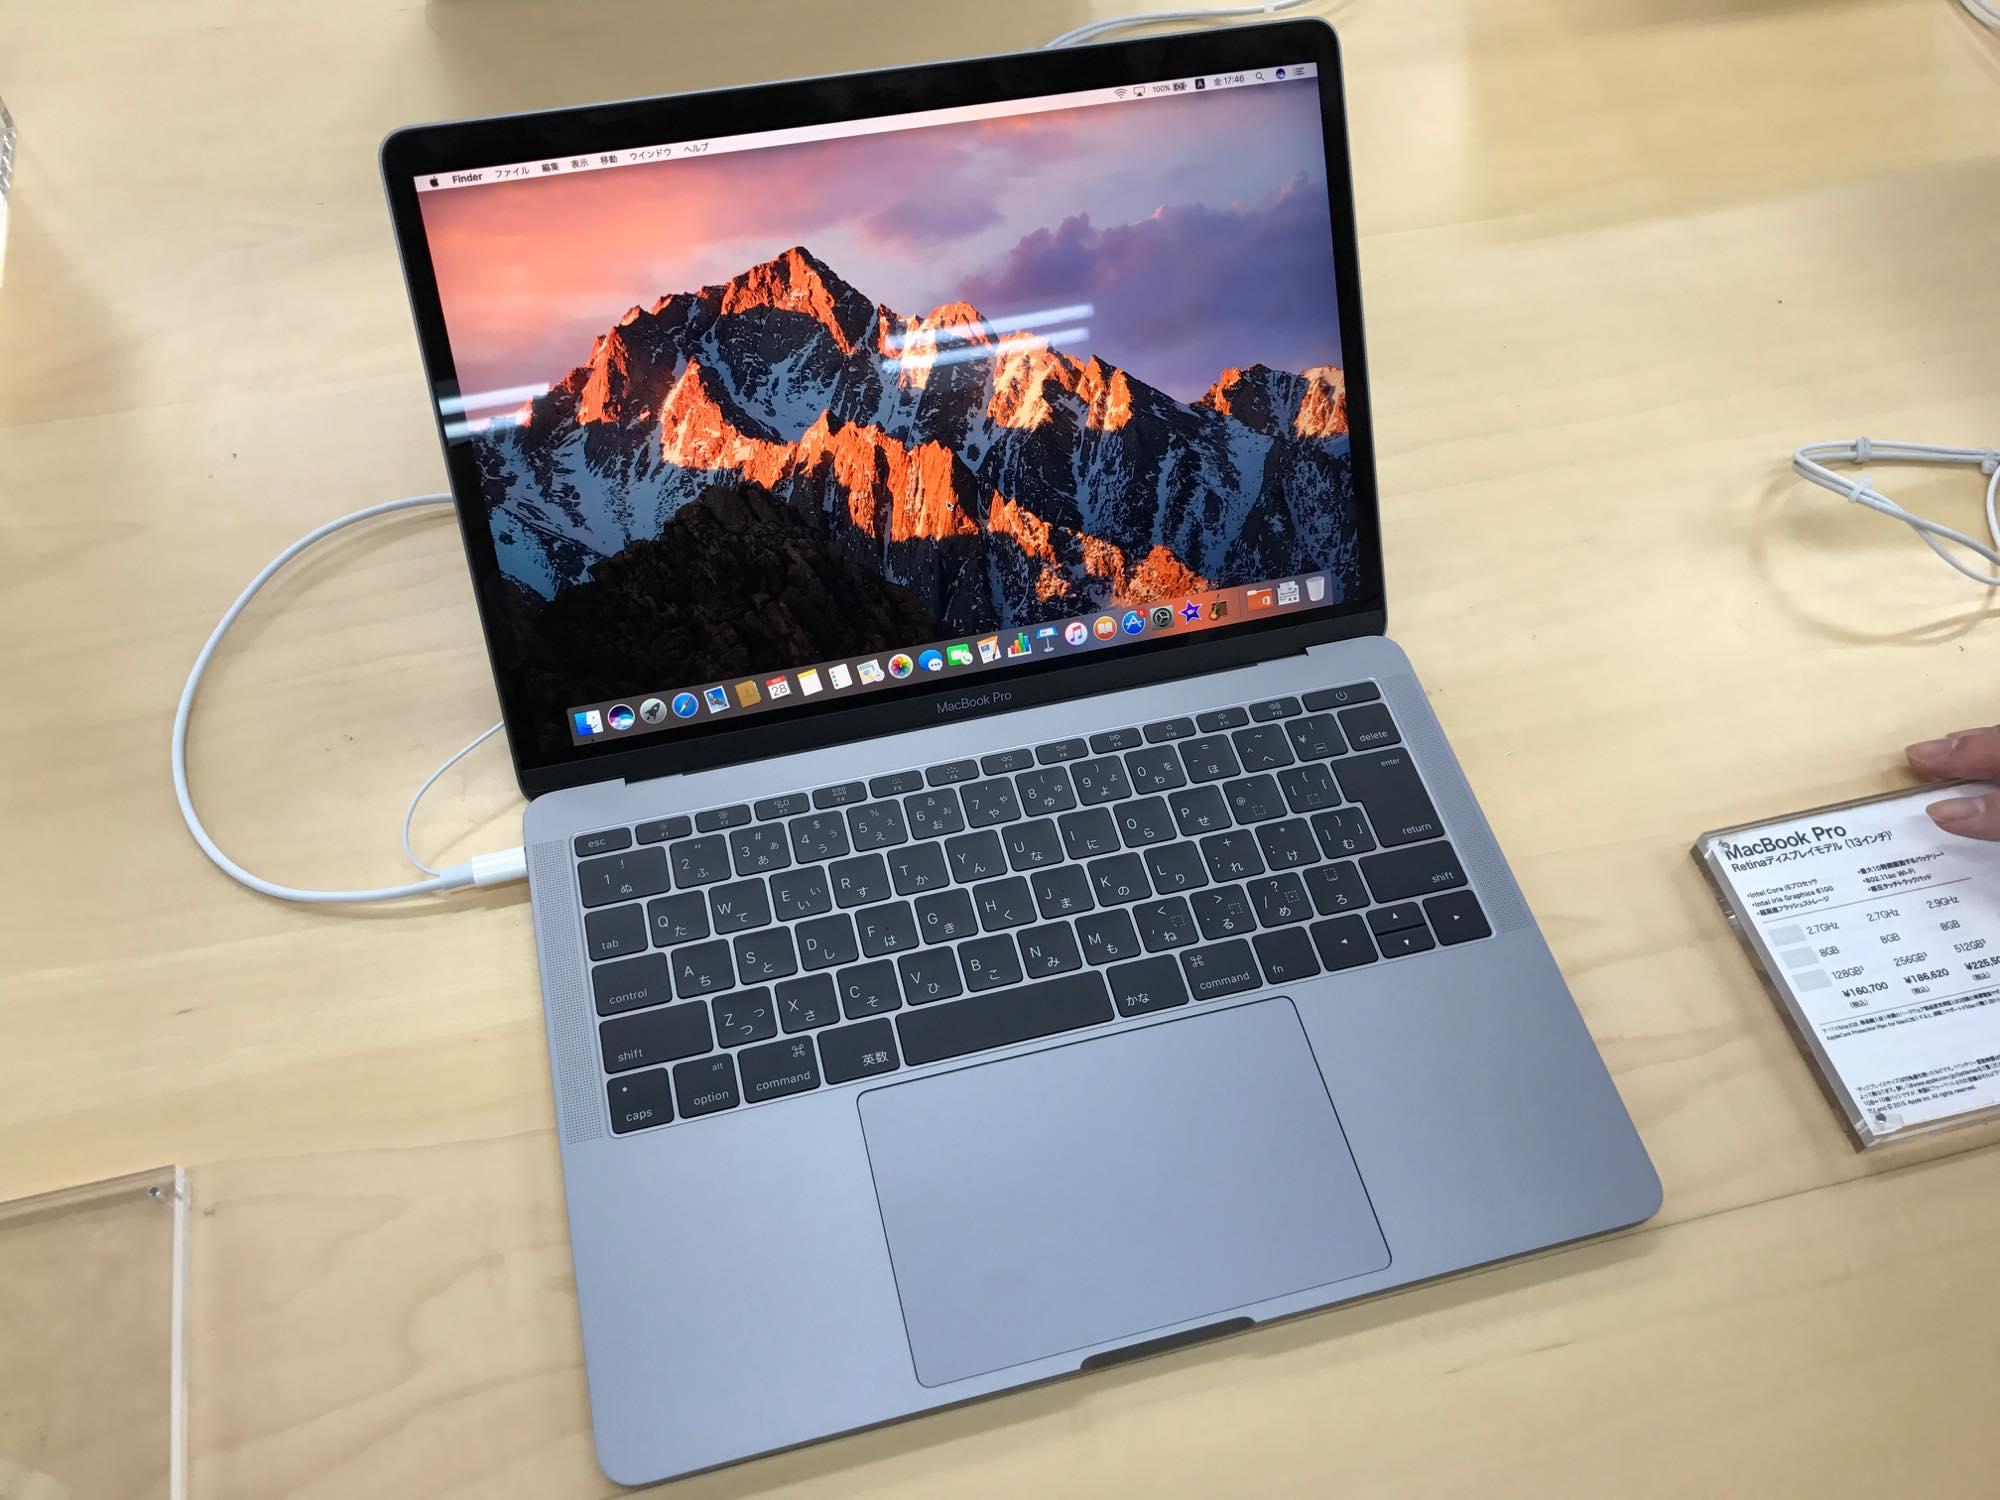 macbookpro2016-review2